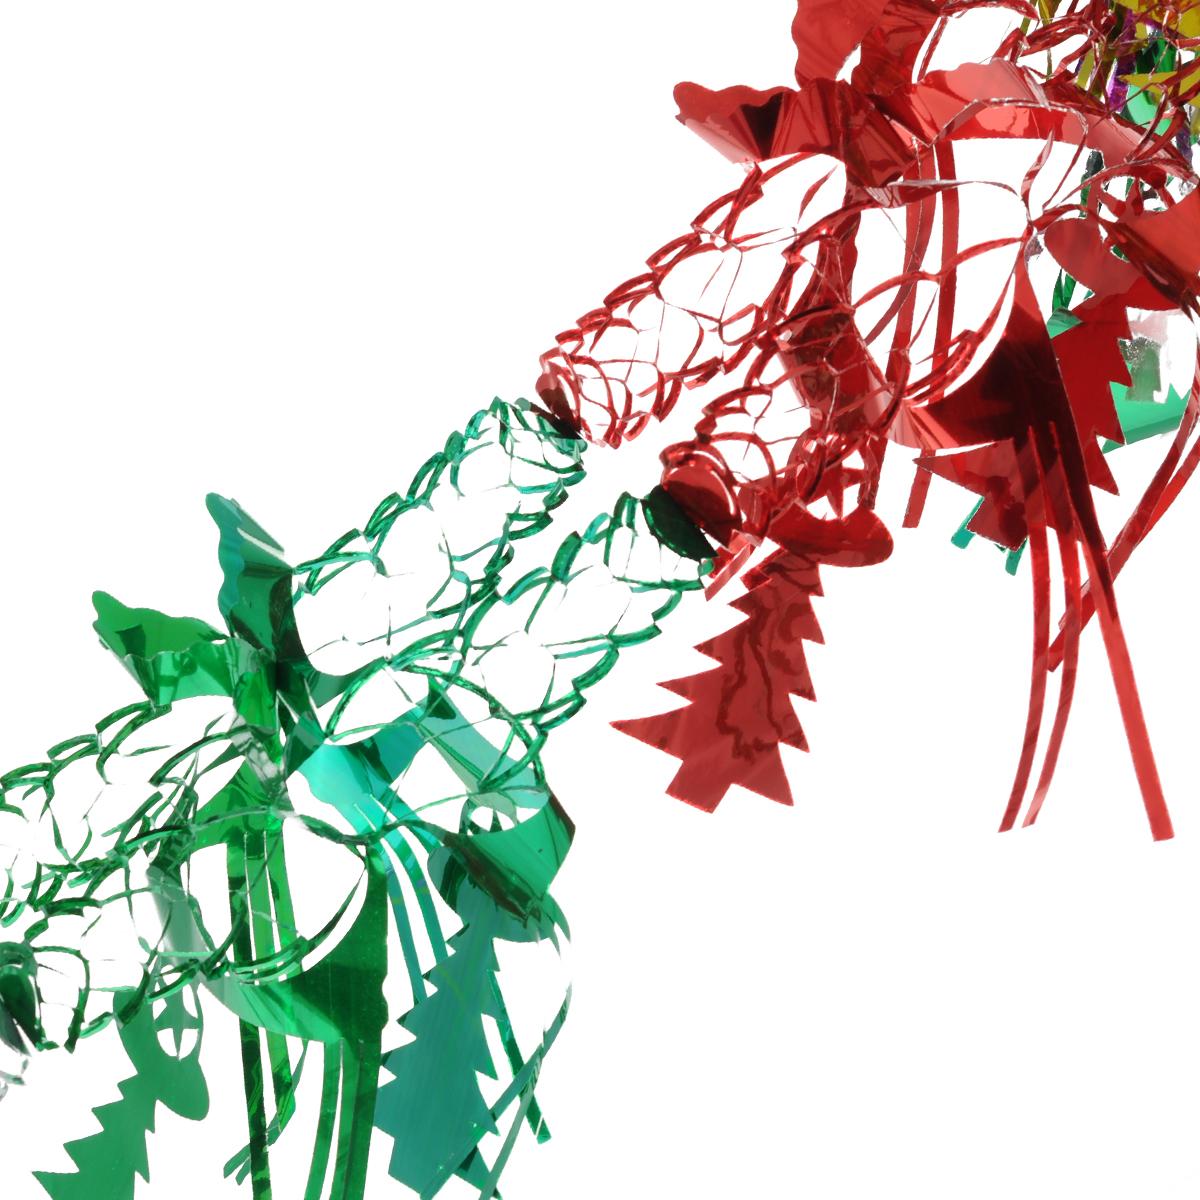 Новогодняя гирлянда Елочка с бахромой, цвет: мульти, 2,2 м. 3438231191Новогодняя гирлянда прекрасно подойдет для декора дома или офиса. Украшение выполнено из разноцветной металлизированной фольги. С помощью специальных петелек гирлянду можно повесить в любом понравившемся вам месте. Украшение легко складывается и раскладывается. Новогодние украшения несут в себе волшебство и красоту праздника. Они помогут вам украсить дом к предстоящим праздникам и оживить интерьер по вашему вкусу. Создайте в доме атмосферу тепла, веселья и радости, украшая его всей семьей.